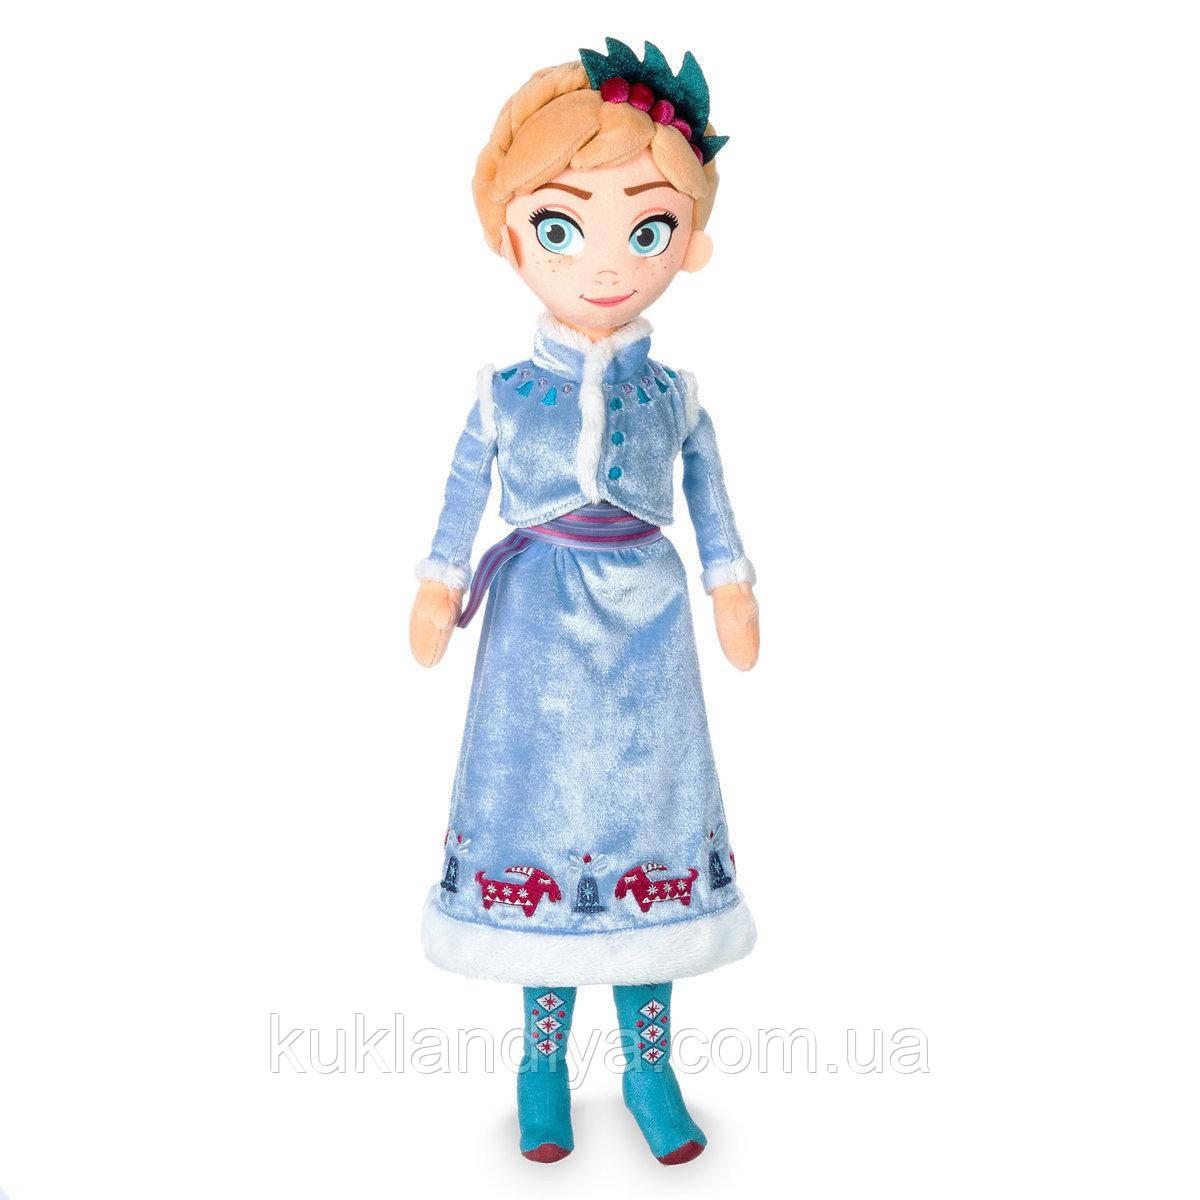 Плюшевая кукла Анна Disney Frozen 45 см.